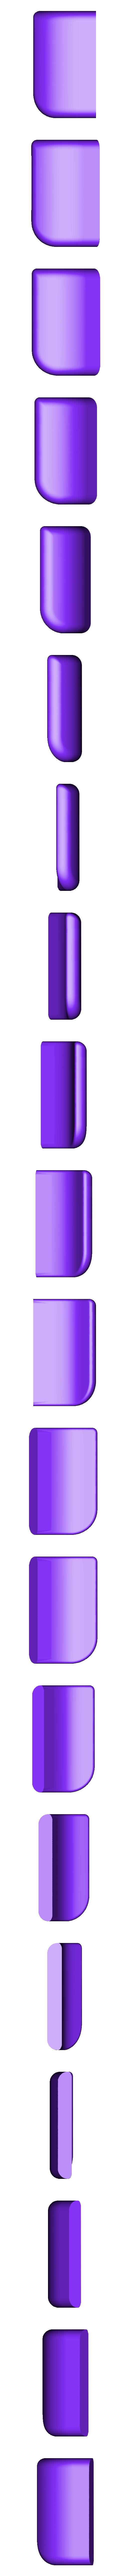 Front_Fender.stl Télécharger fichier 3MF gratuit LIMACE MÉTALLIQUE - NOP-03 SARUBIE • Plan imprimable en 3D, FreeBug